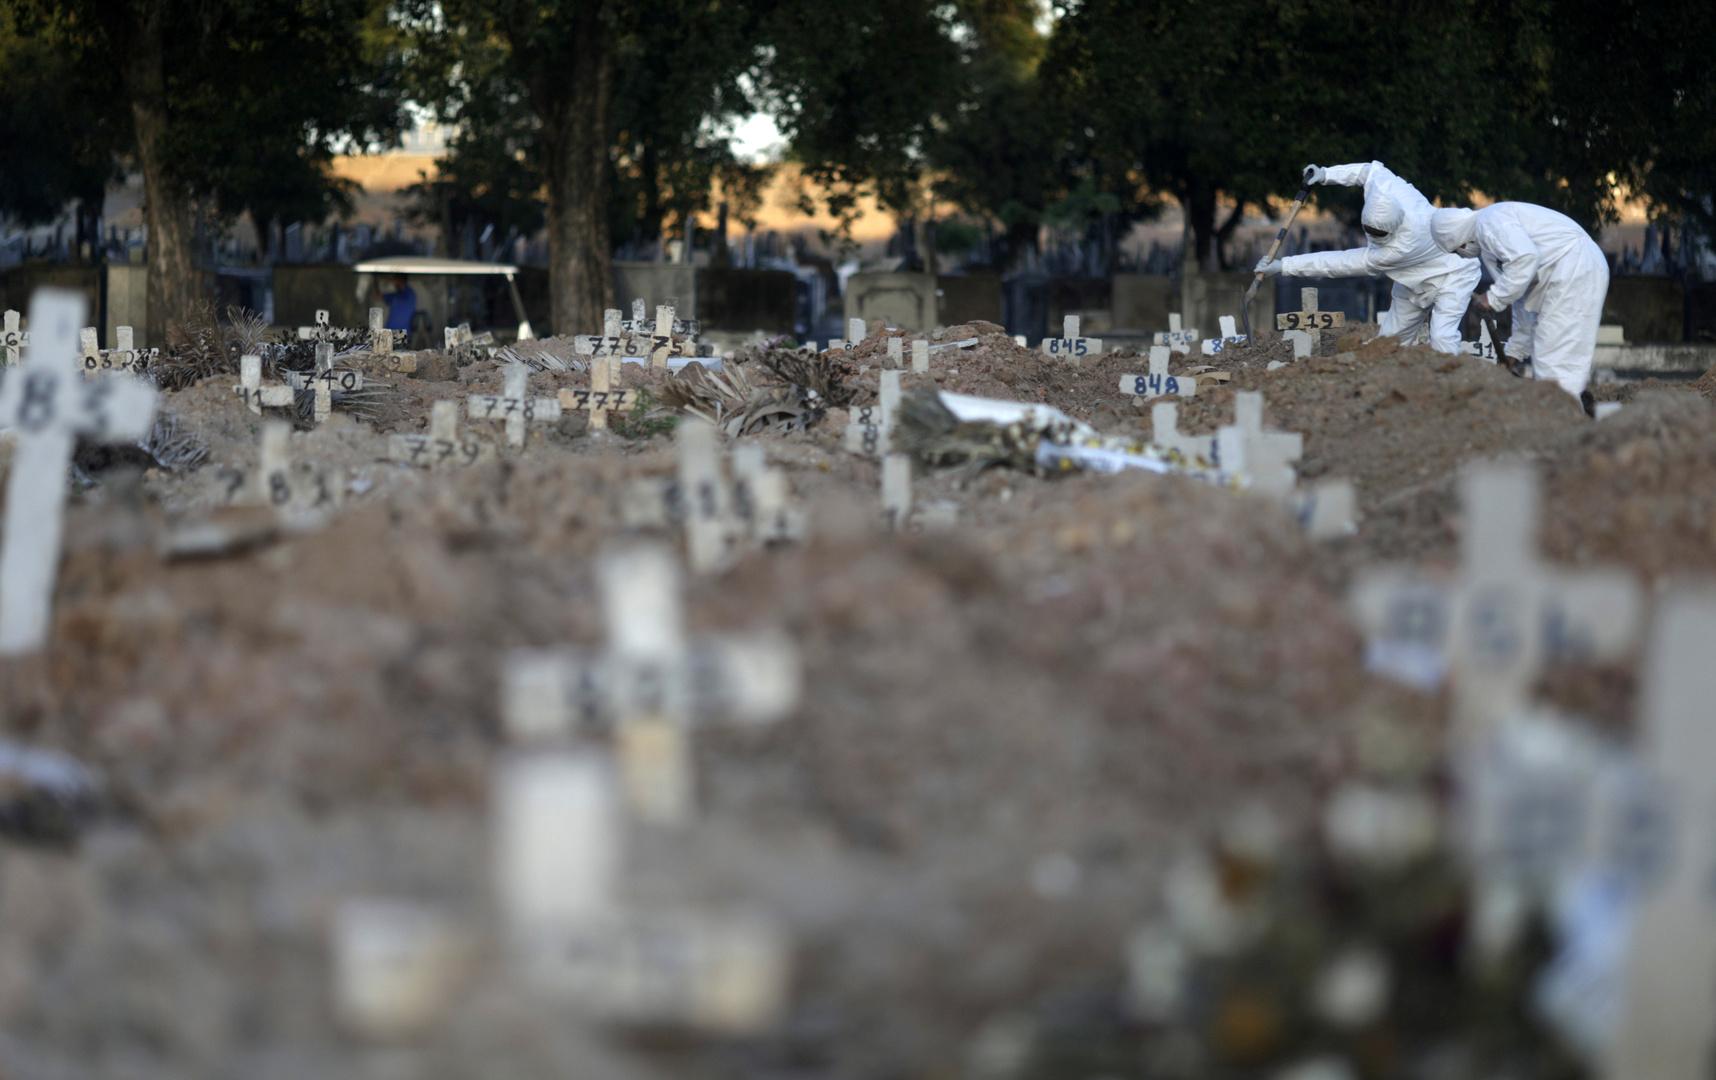 إصابات كورونا في البرازيل تتجاوز نصف مليون حالة مع تسجيل 480 وفاة جديدة